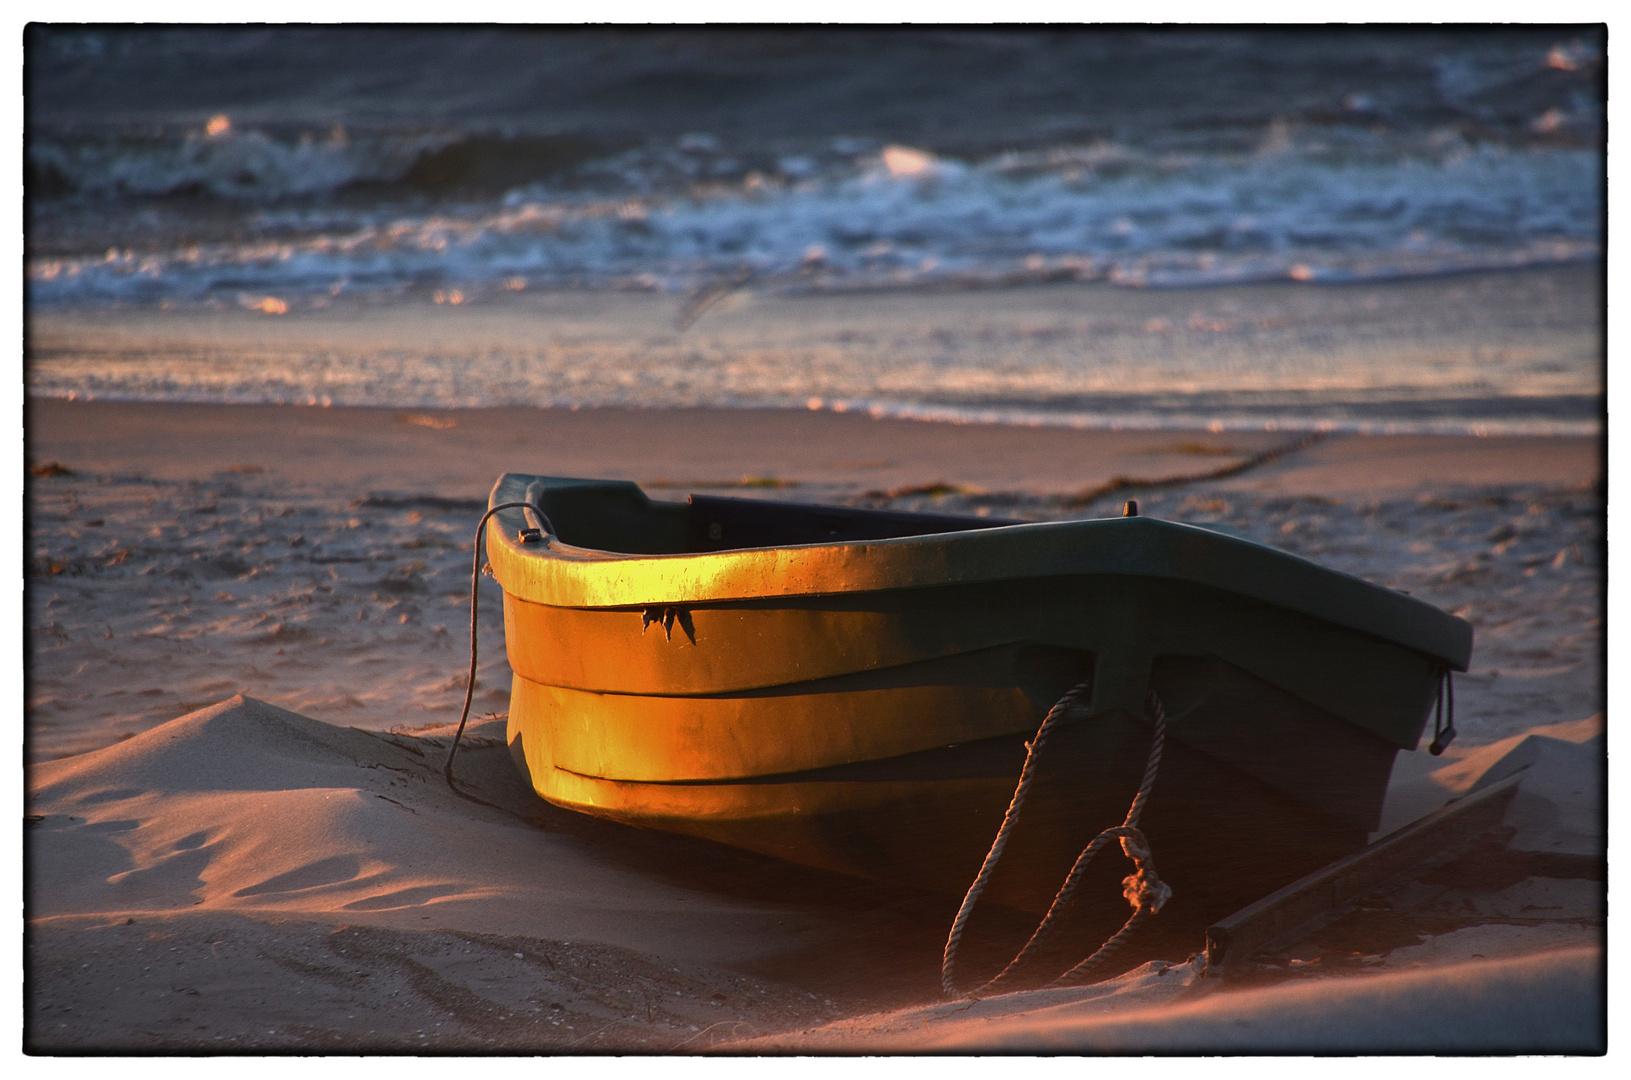 Der Sturm mit dem Sand mit dem Boot mit dem Licht ...